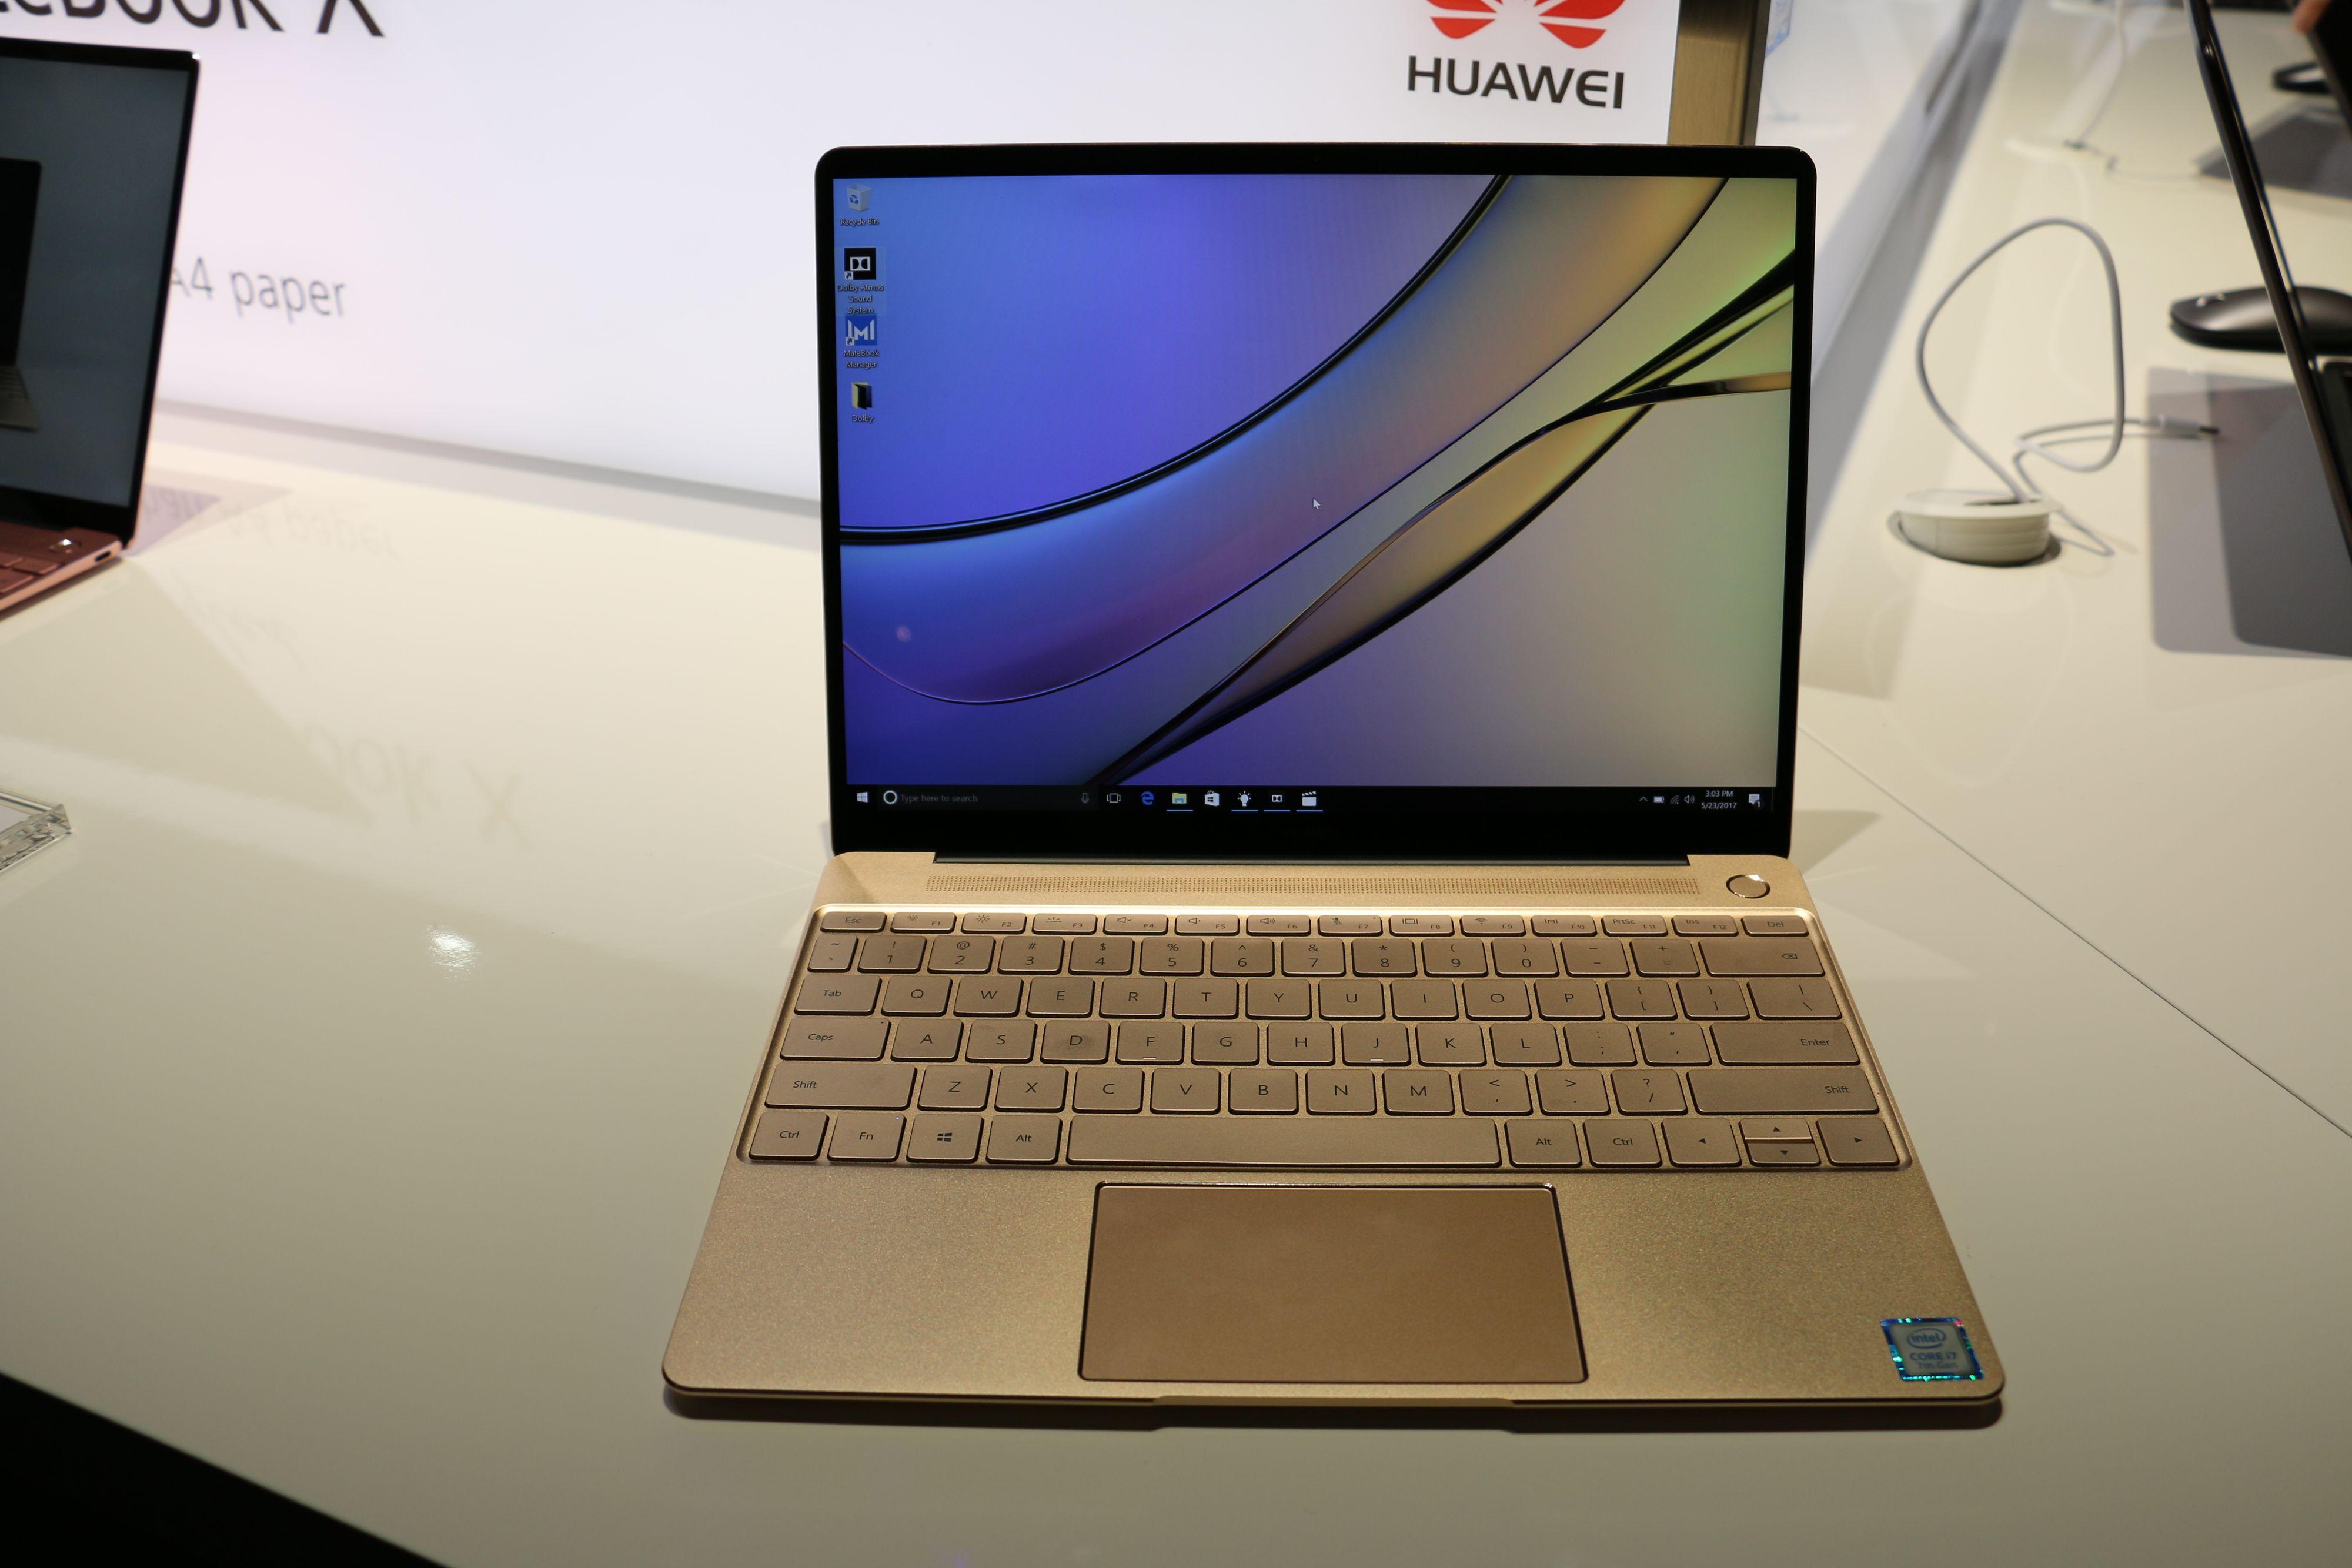 Den høyoppløste skjermen med tynne skjermrammer gir maskinen et ganske proft utseende.